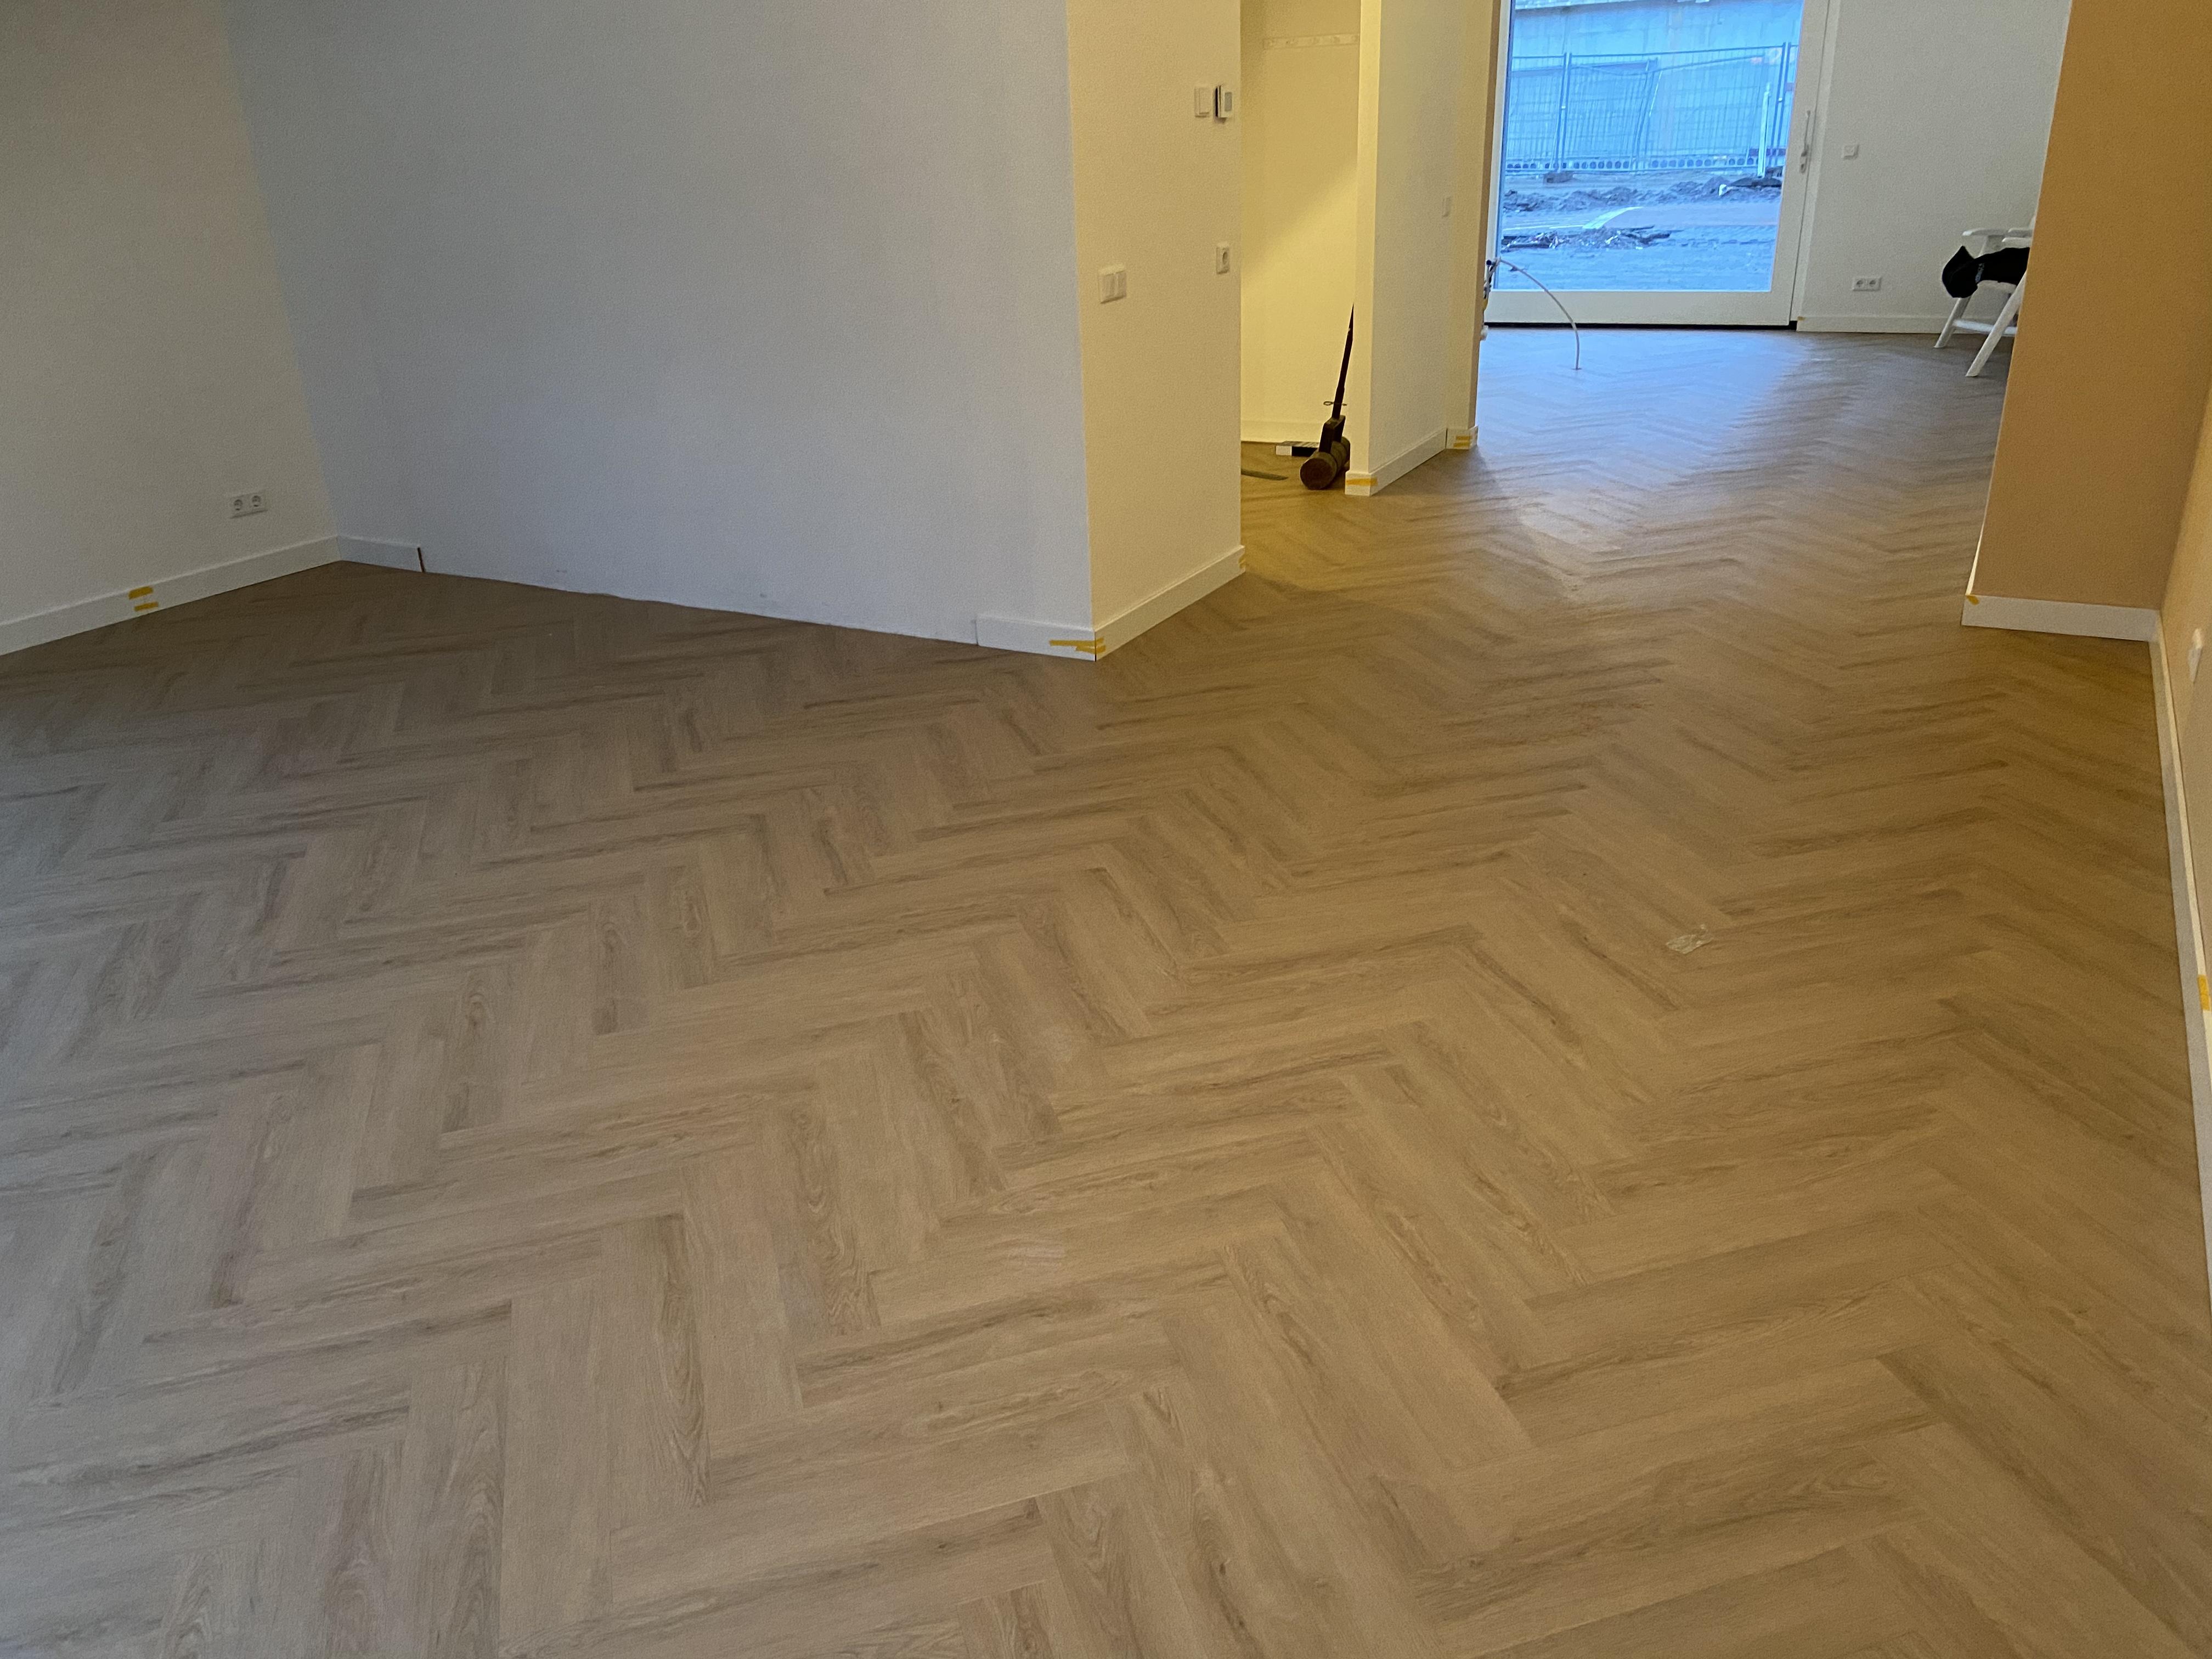 Pvc vloeren Fam Laarhoven Hilversum